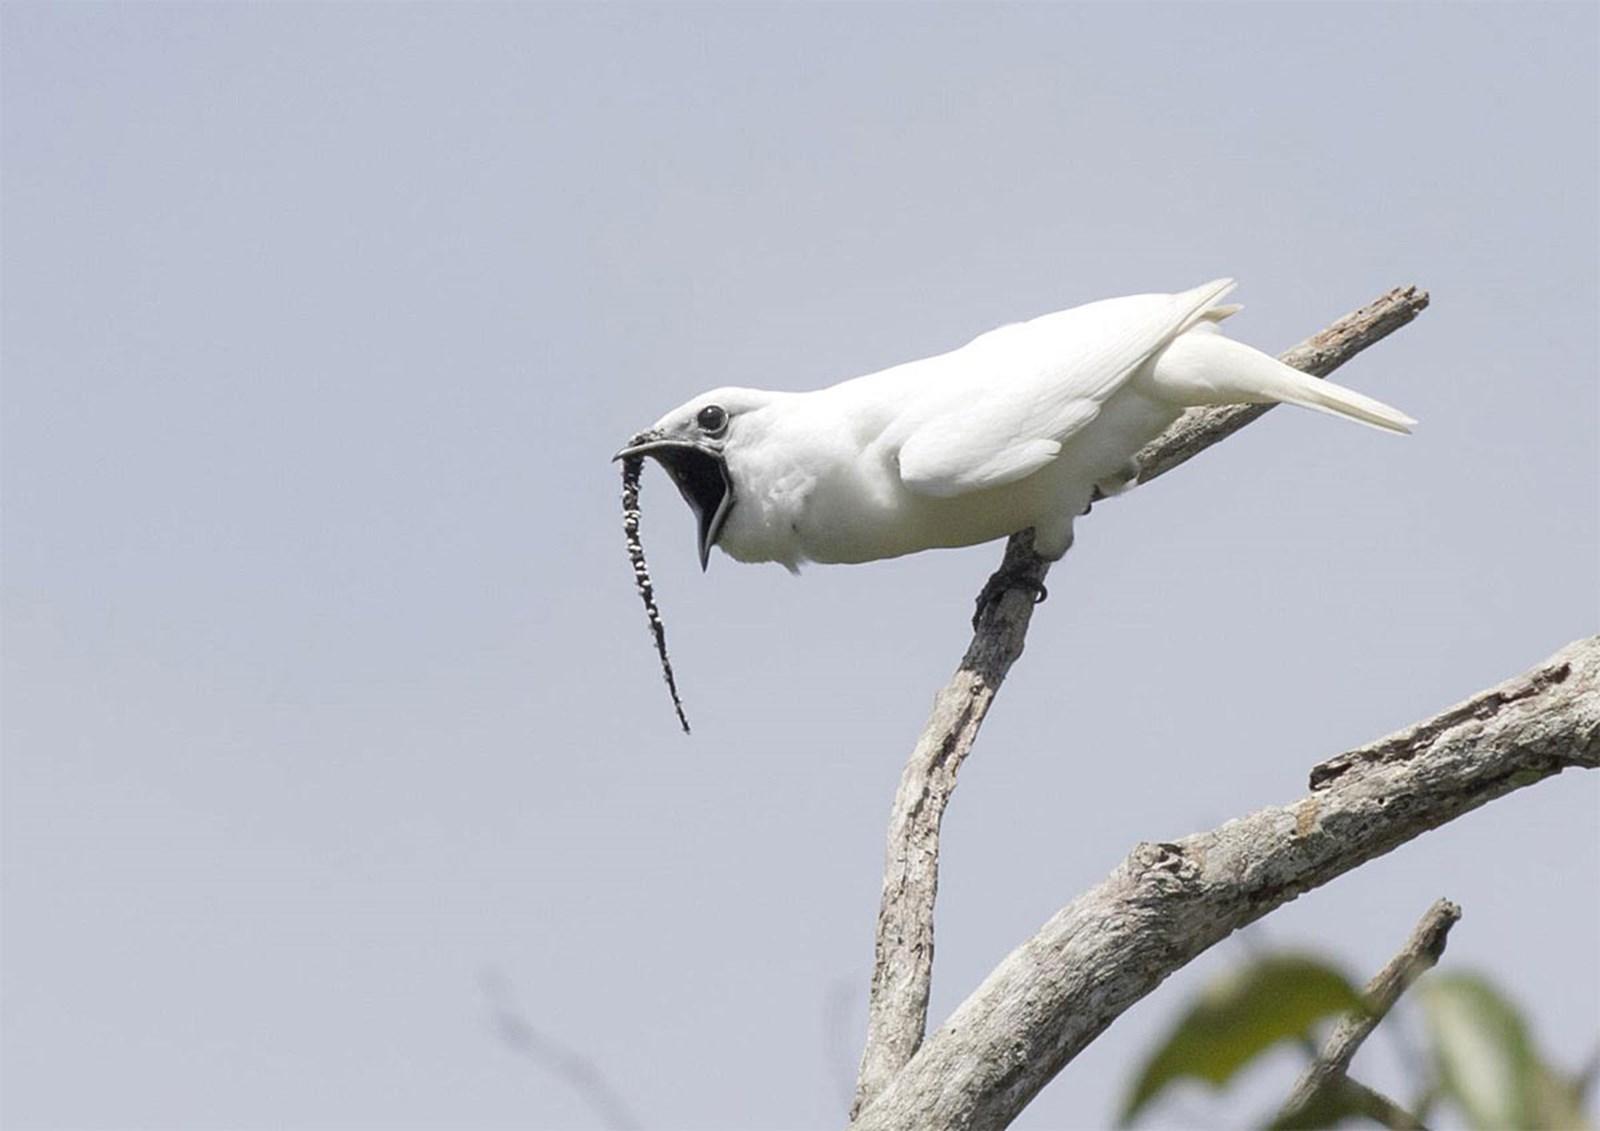 Der lauteste Vogel der Welt gibt Rätsel auf – derStandard.at